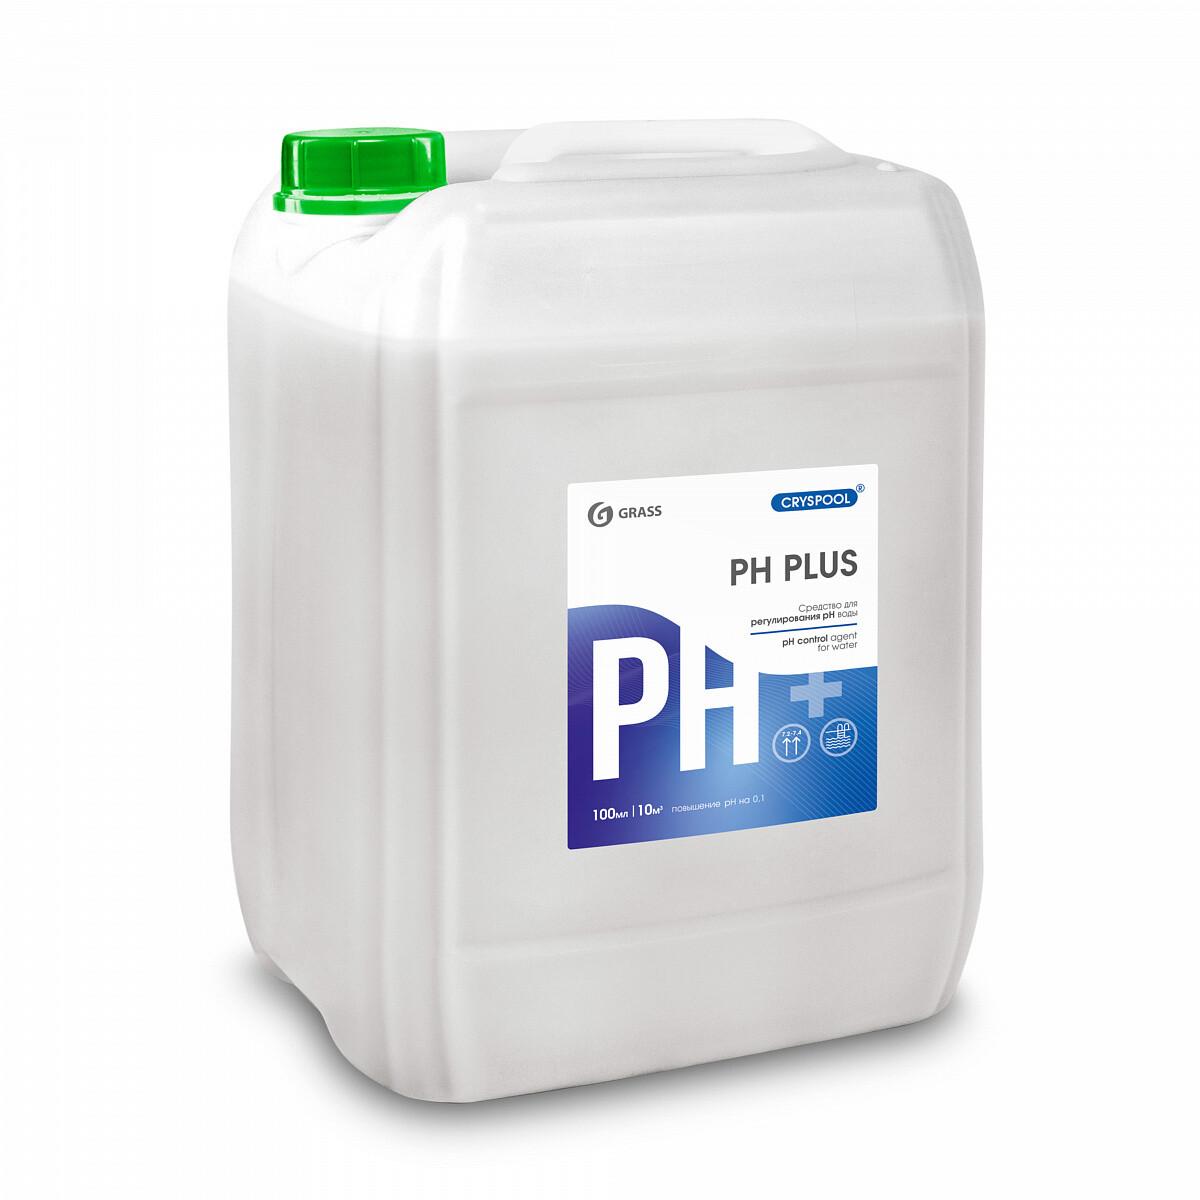 Средство для регулирования pH воды CRYSPOOL рН plus, 23кг